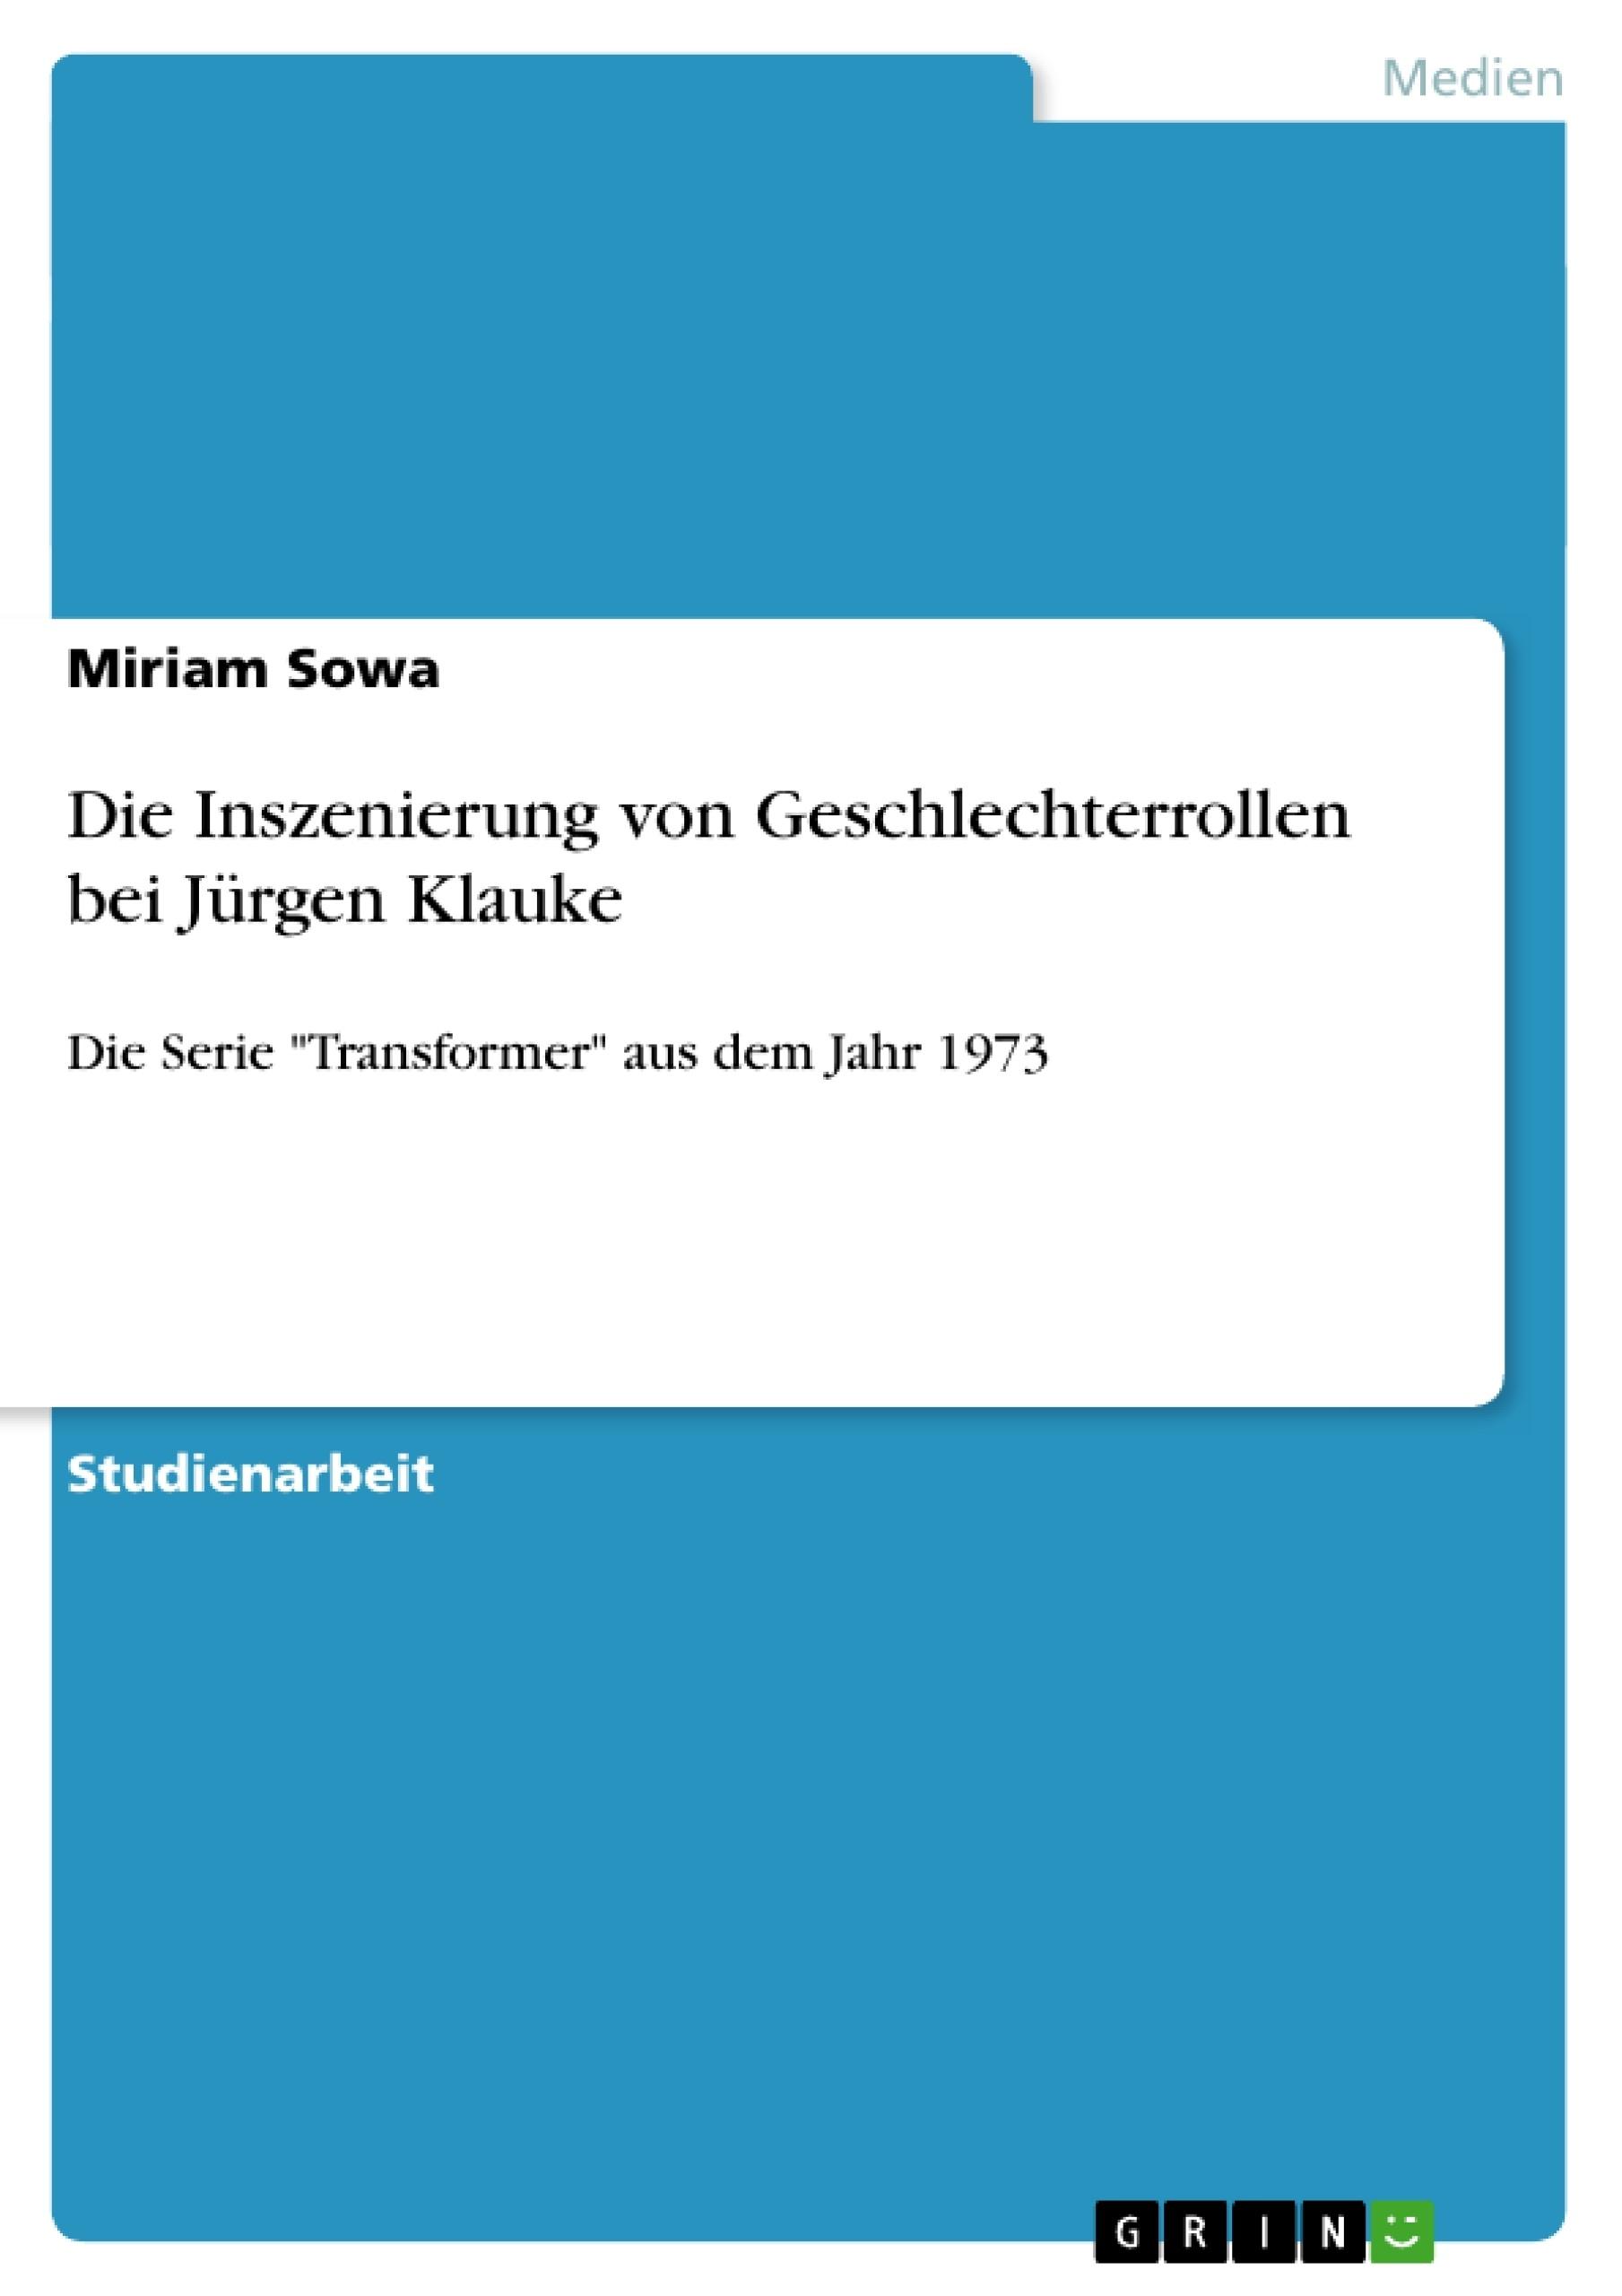 Titel: Die Inszenierung von Geschlechterrollen bei Jürgen Klauke